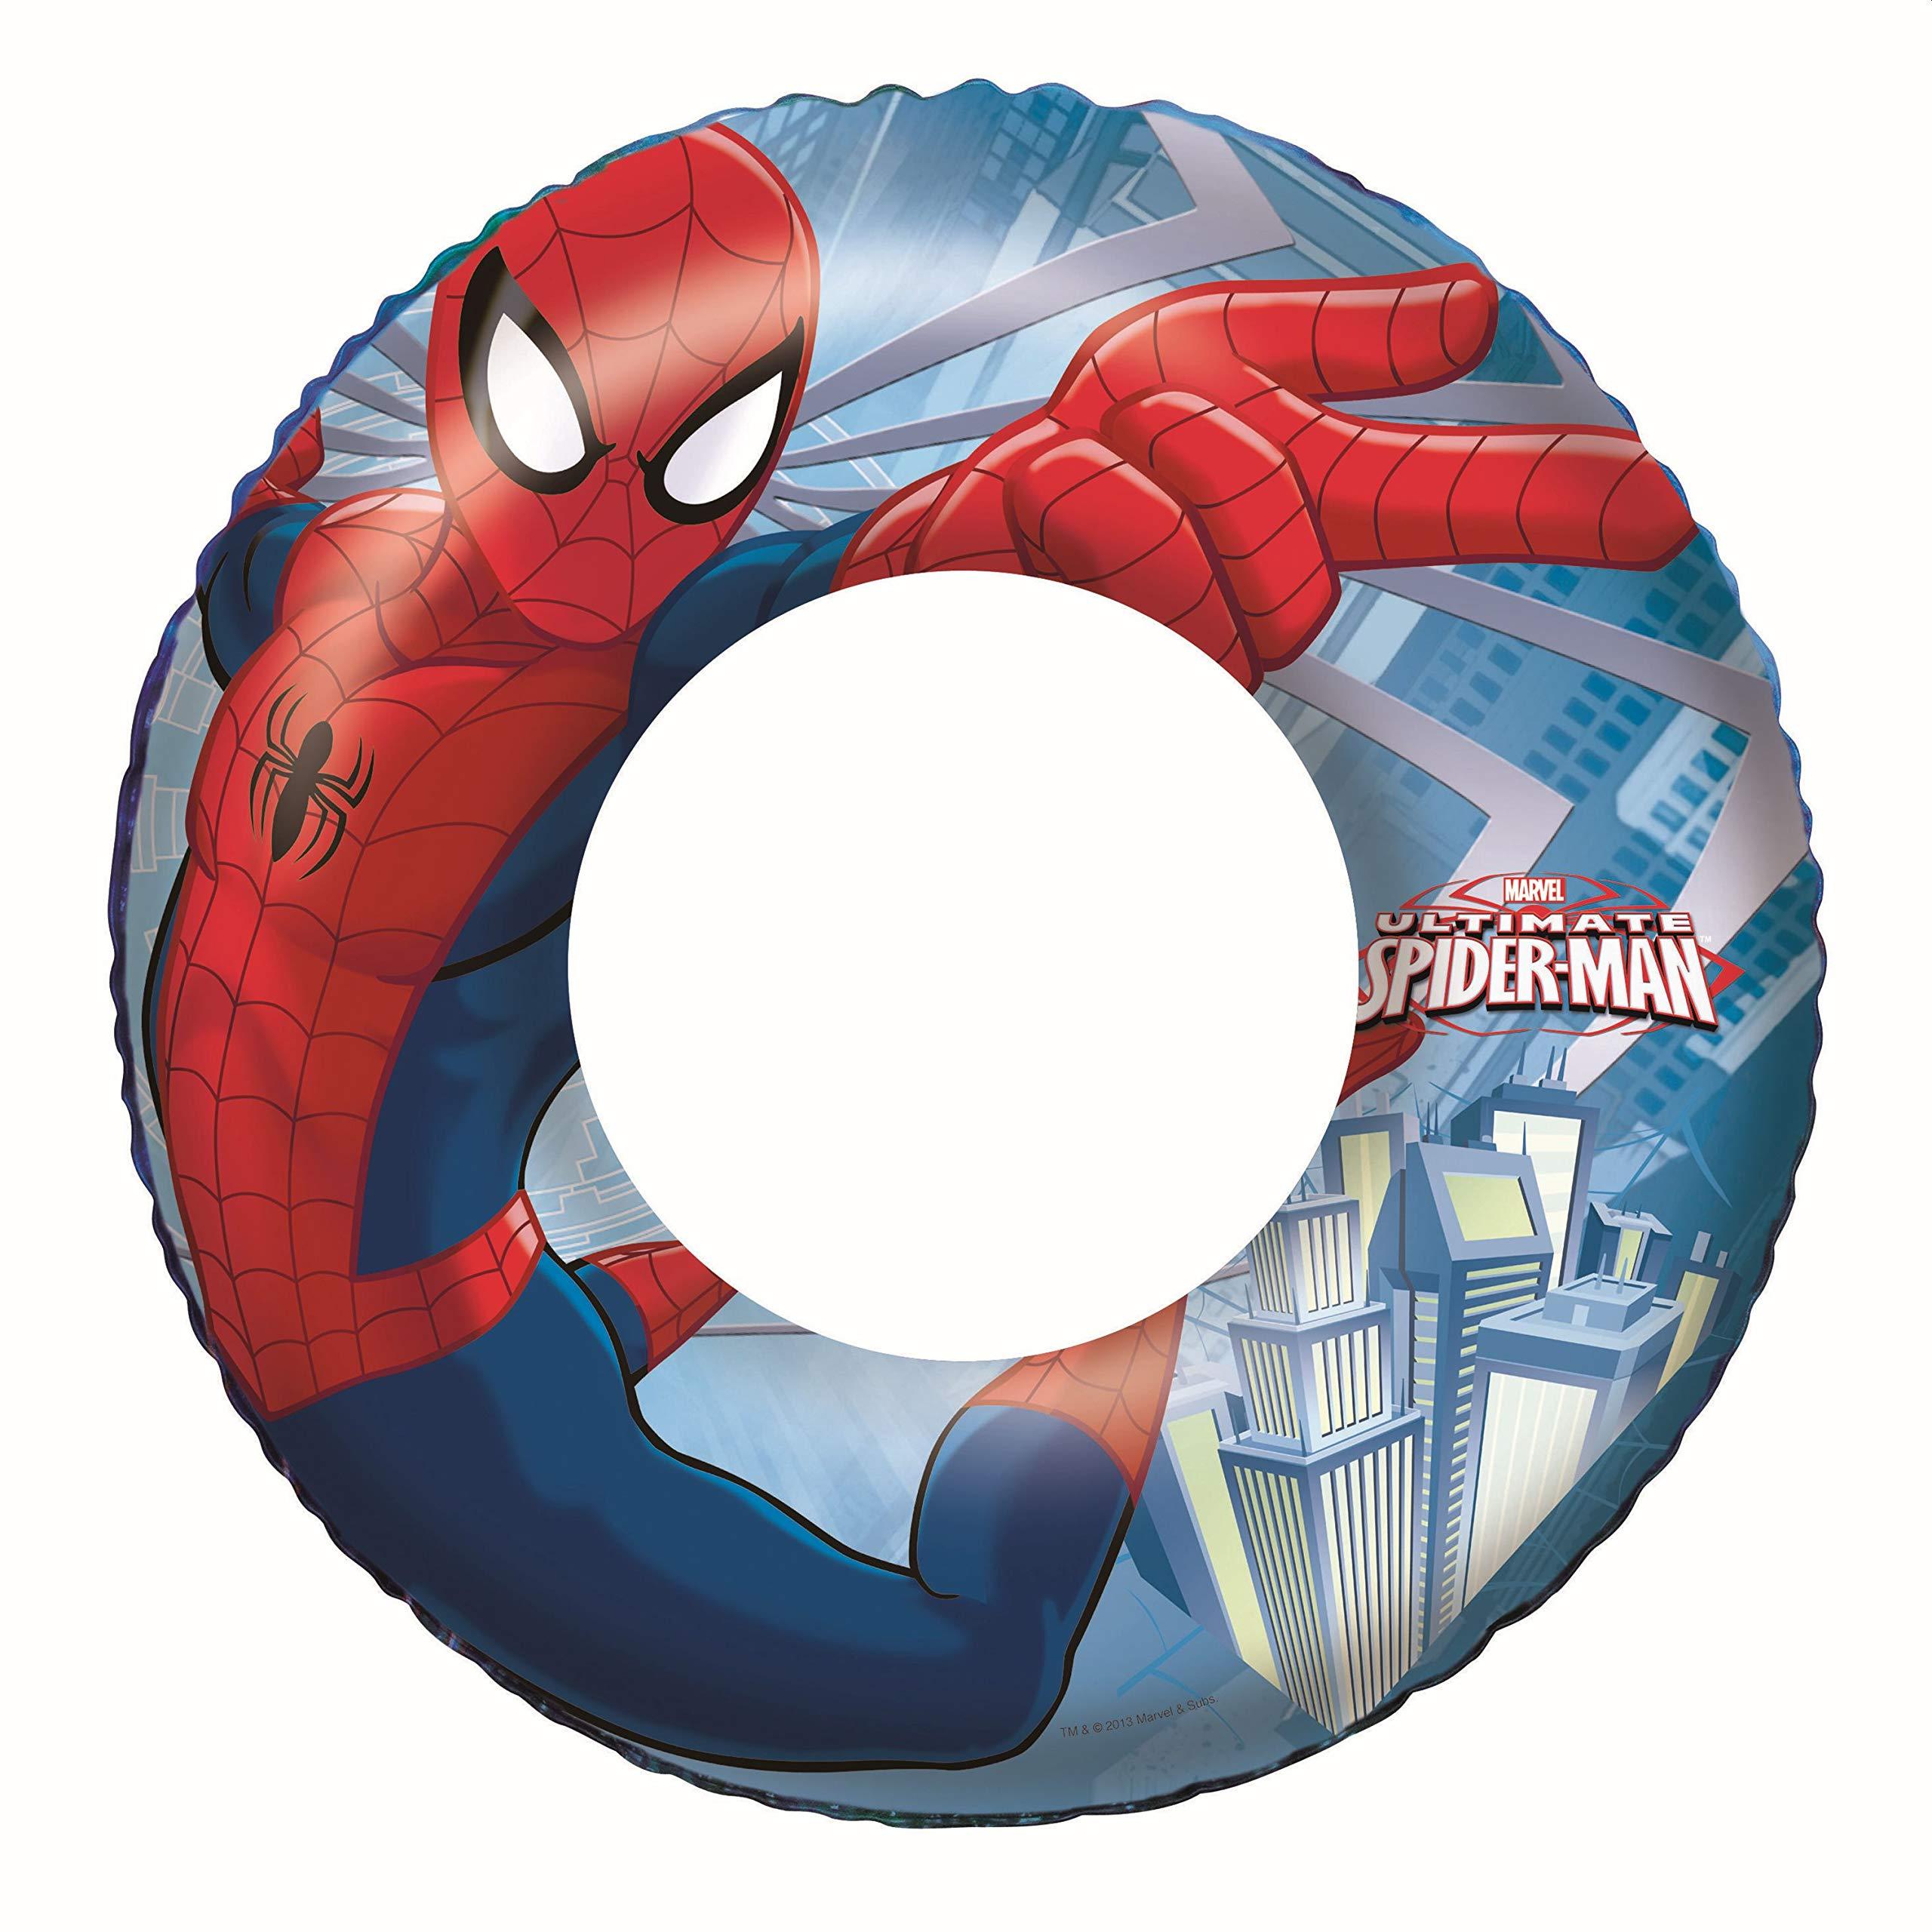 Bestway 98003 - Flotador Hinchable Infantil Spiderman 56 cm: Amazon.es: Juguetes y juegos